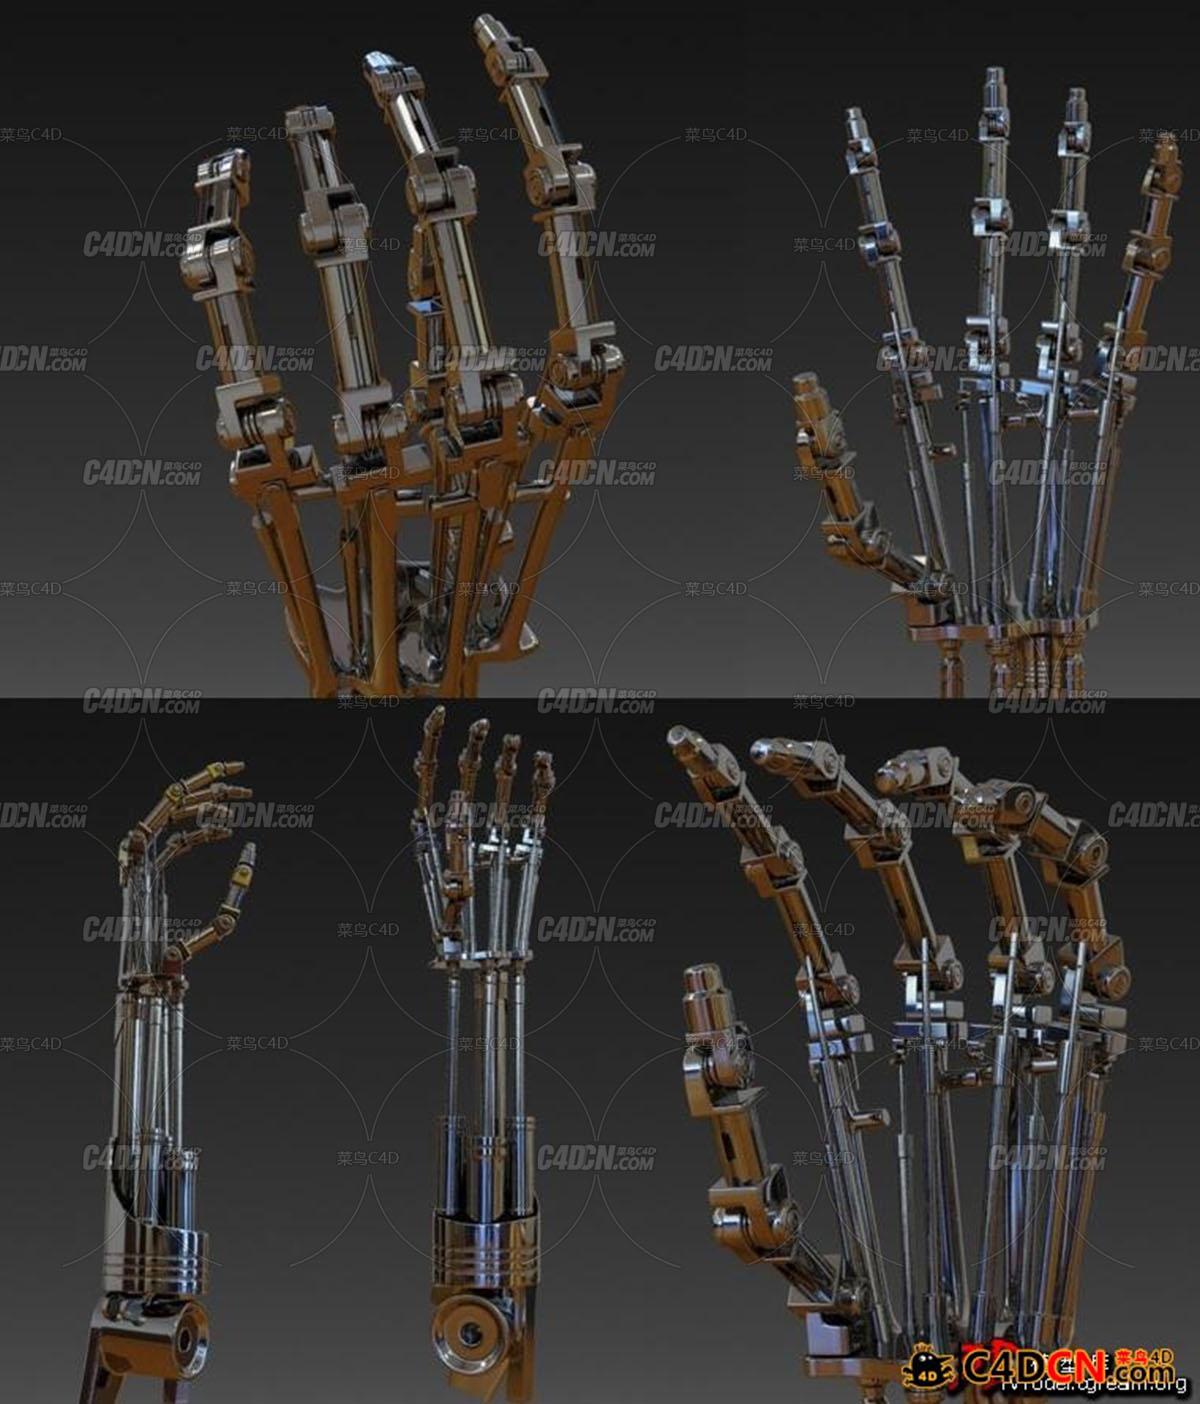 终结者 terminators t-800 Arm 液压机械手臂